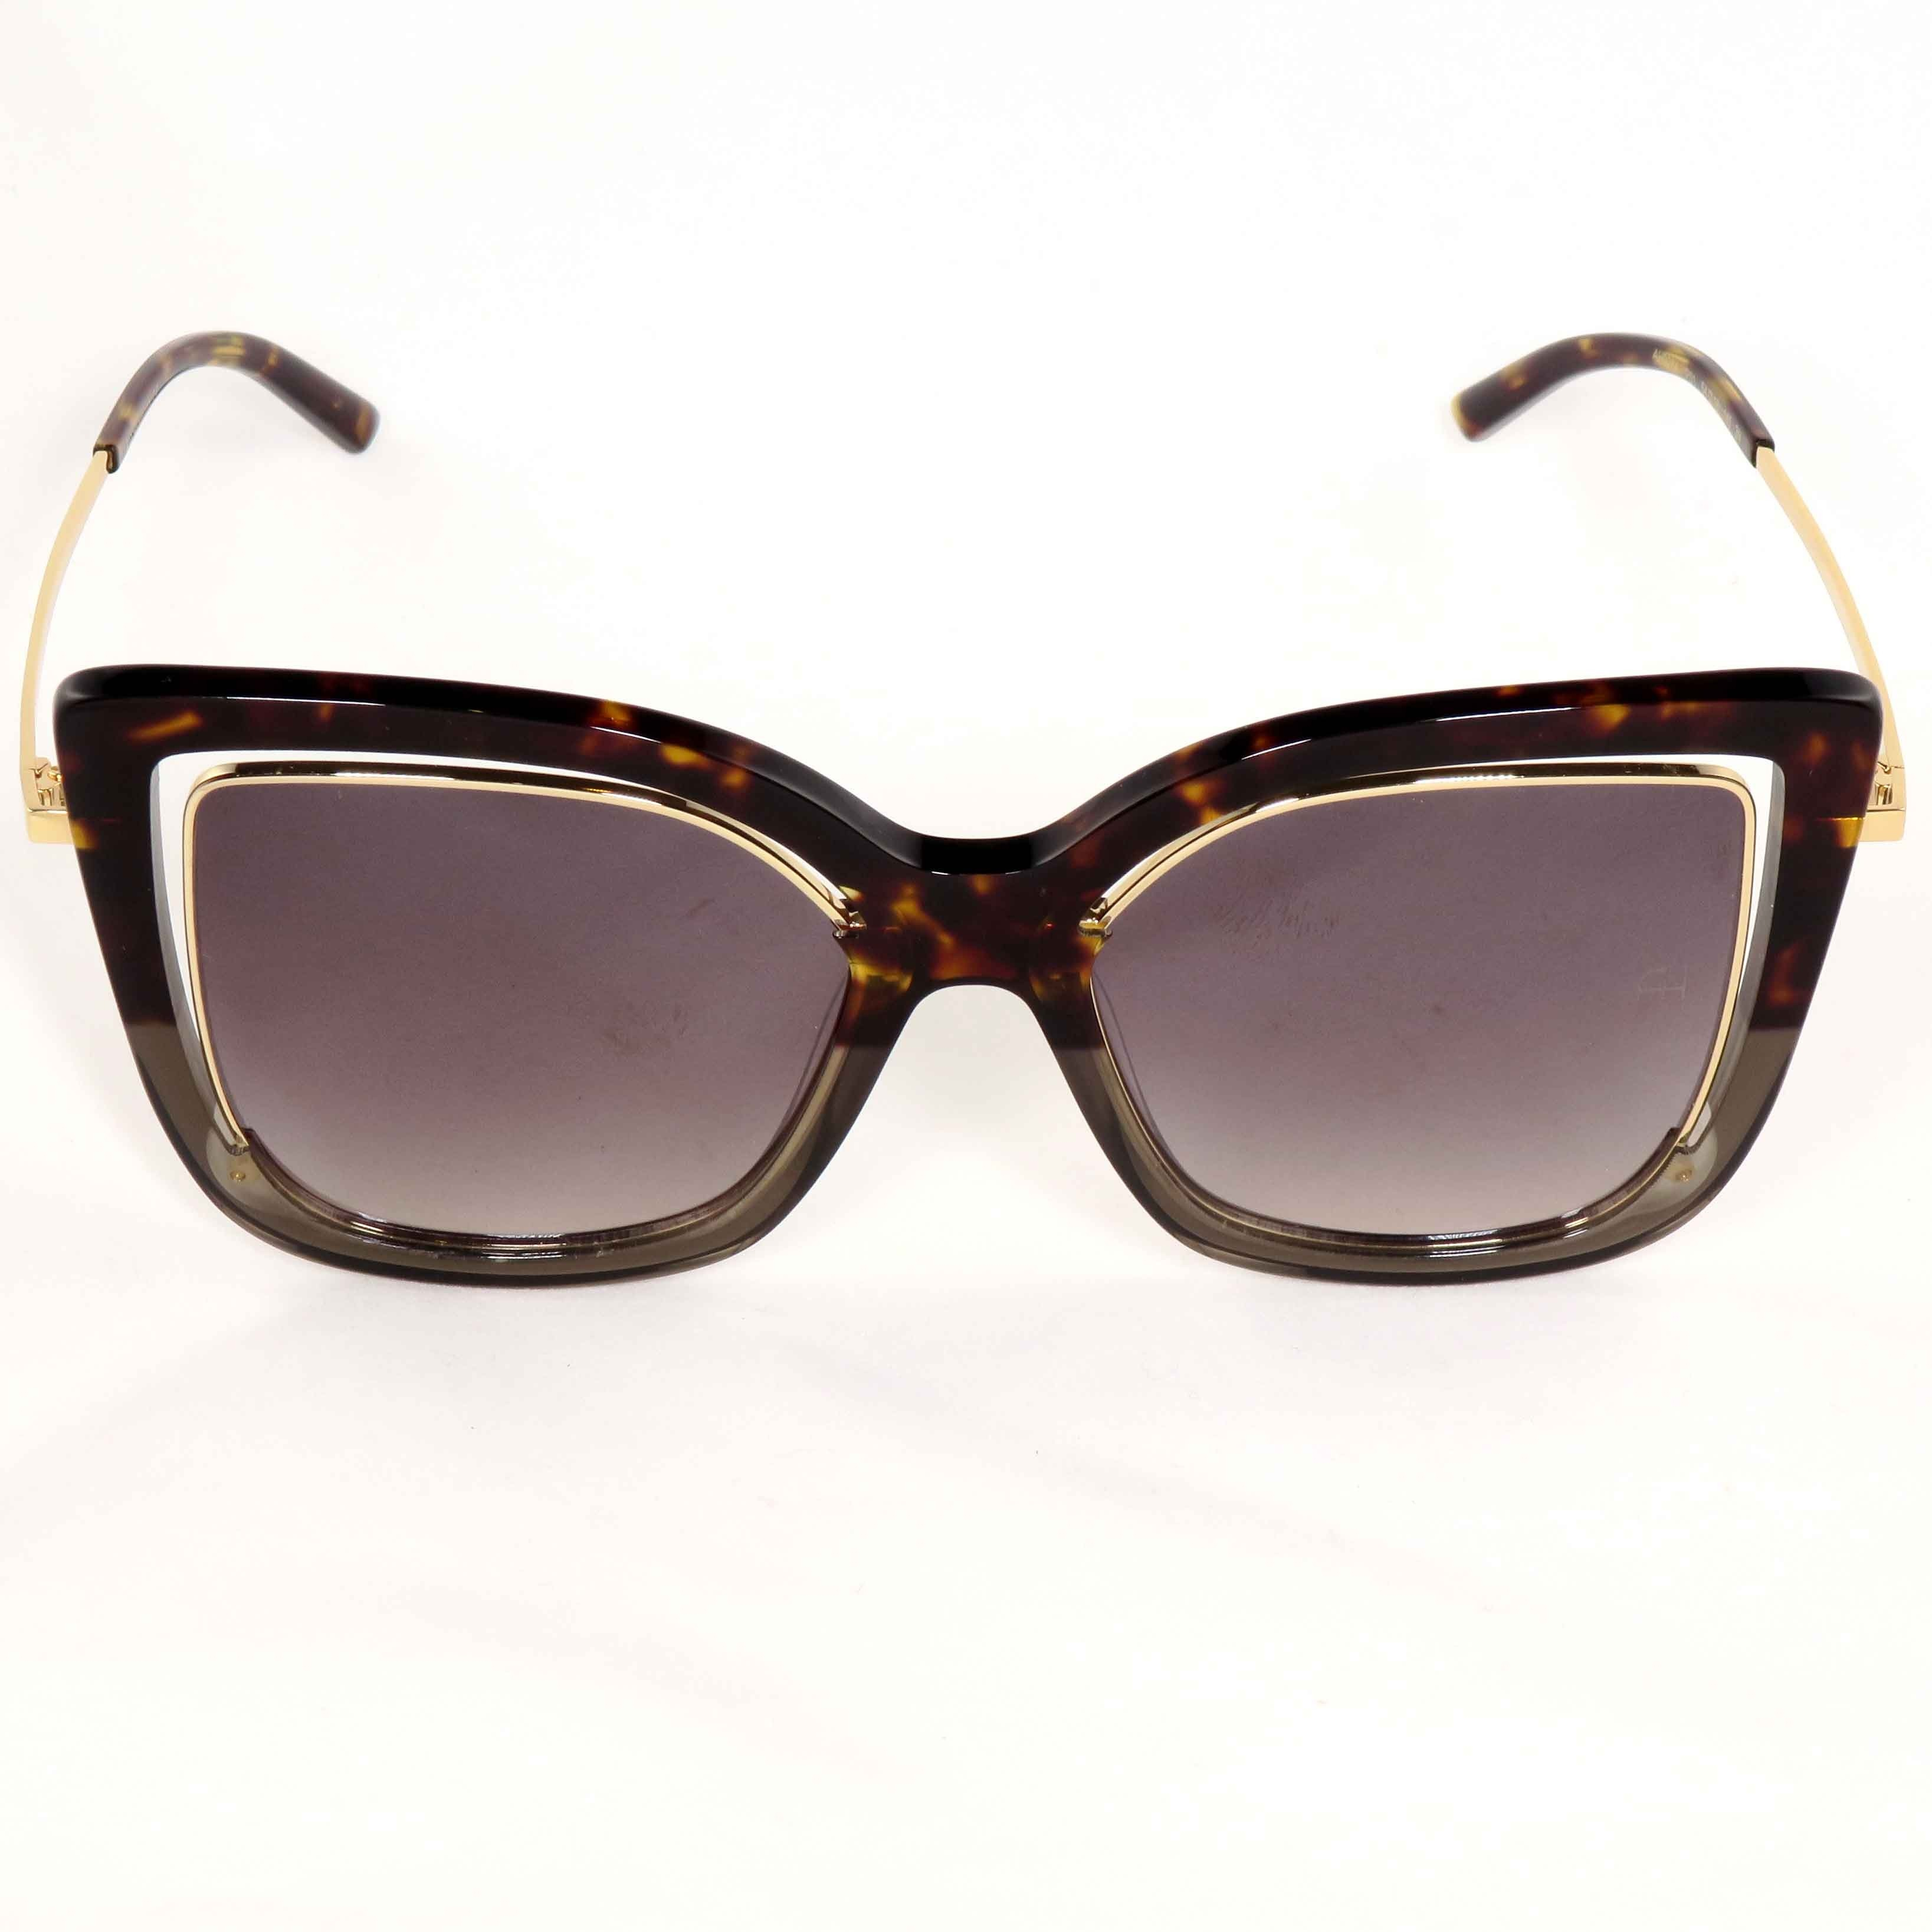 3cdf3e384 Ana Hickmann 9264 P01 - Óculos de Sol - Óticas Minho Shop Óticas Minho Shop